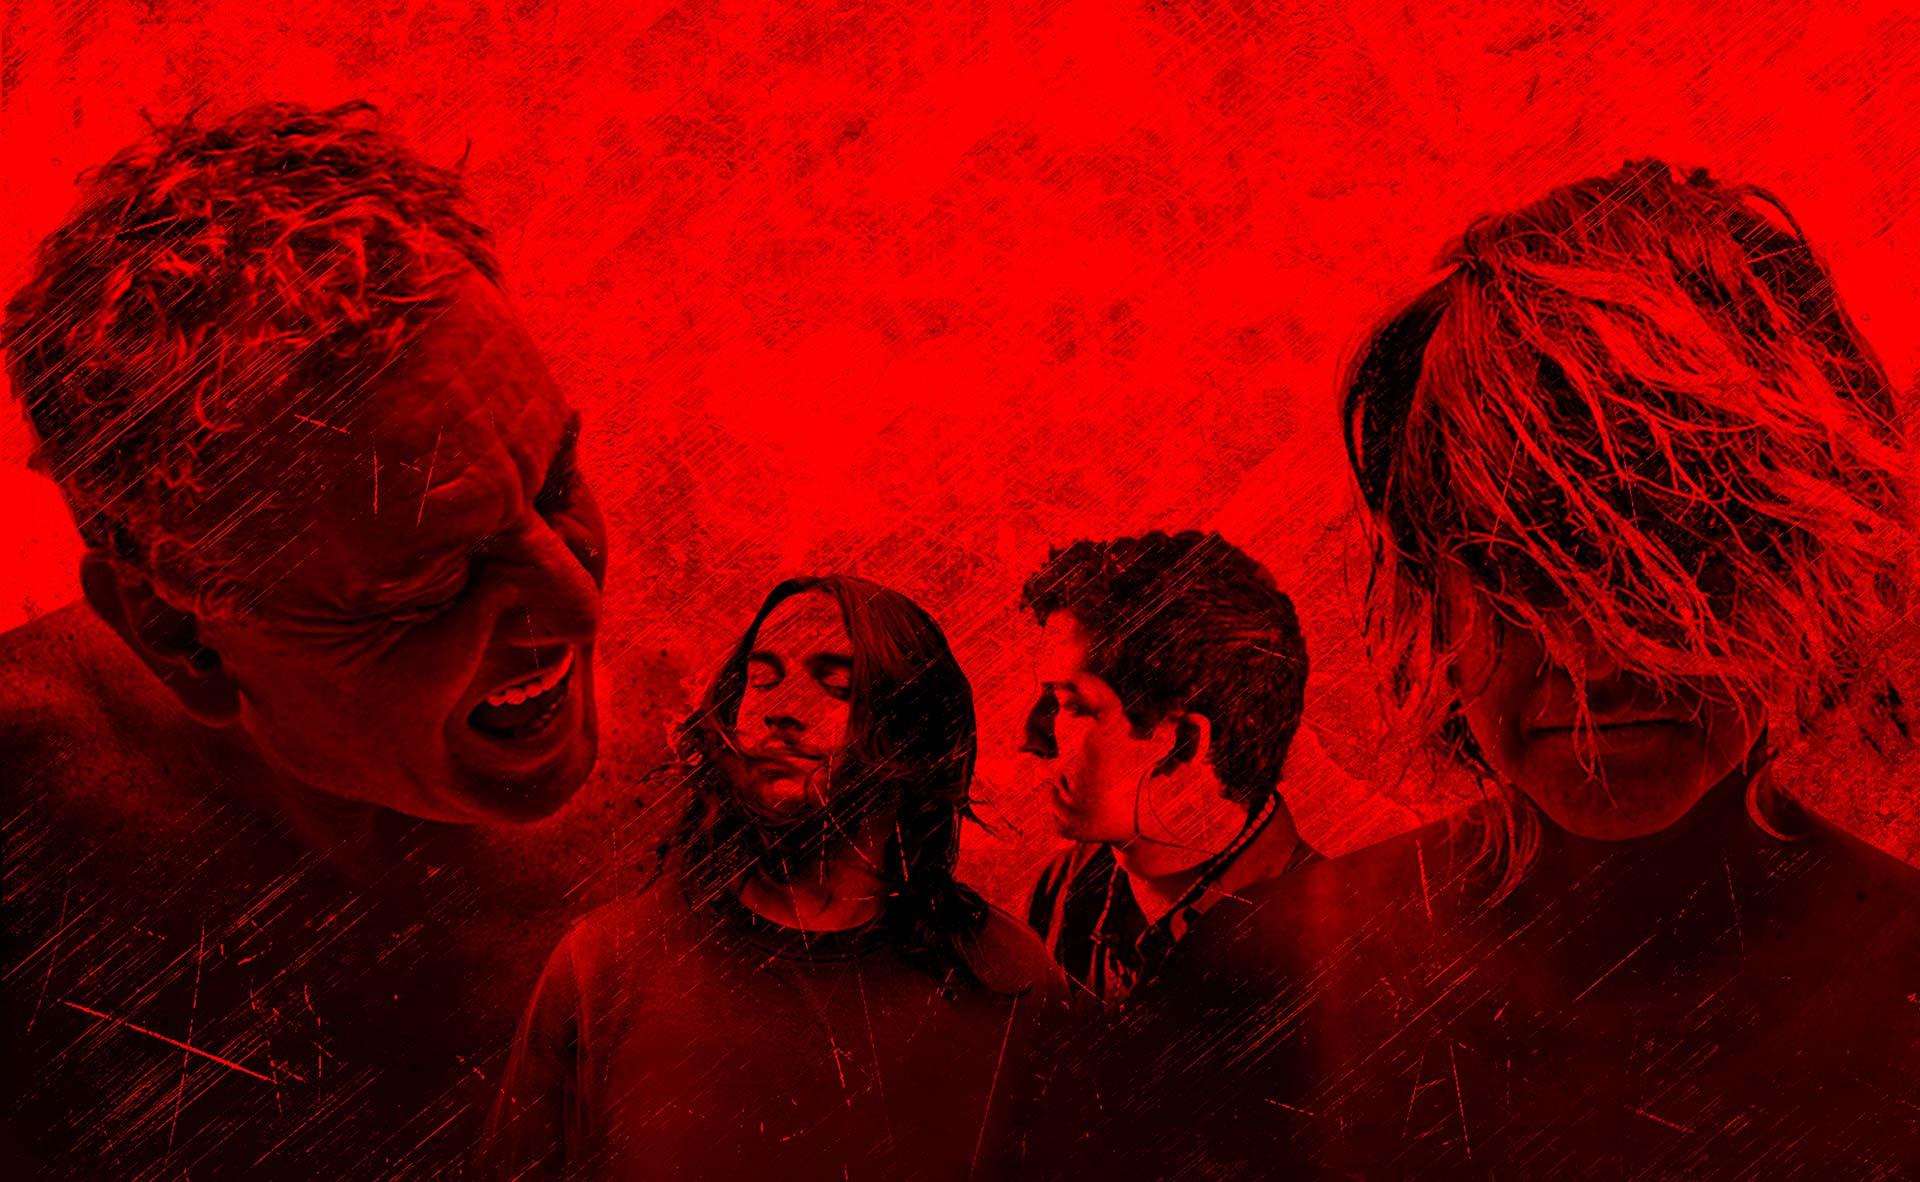 en la imagen cuatro personas sobre un fondo rojo